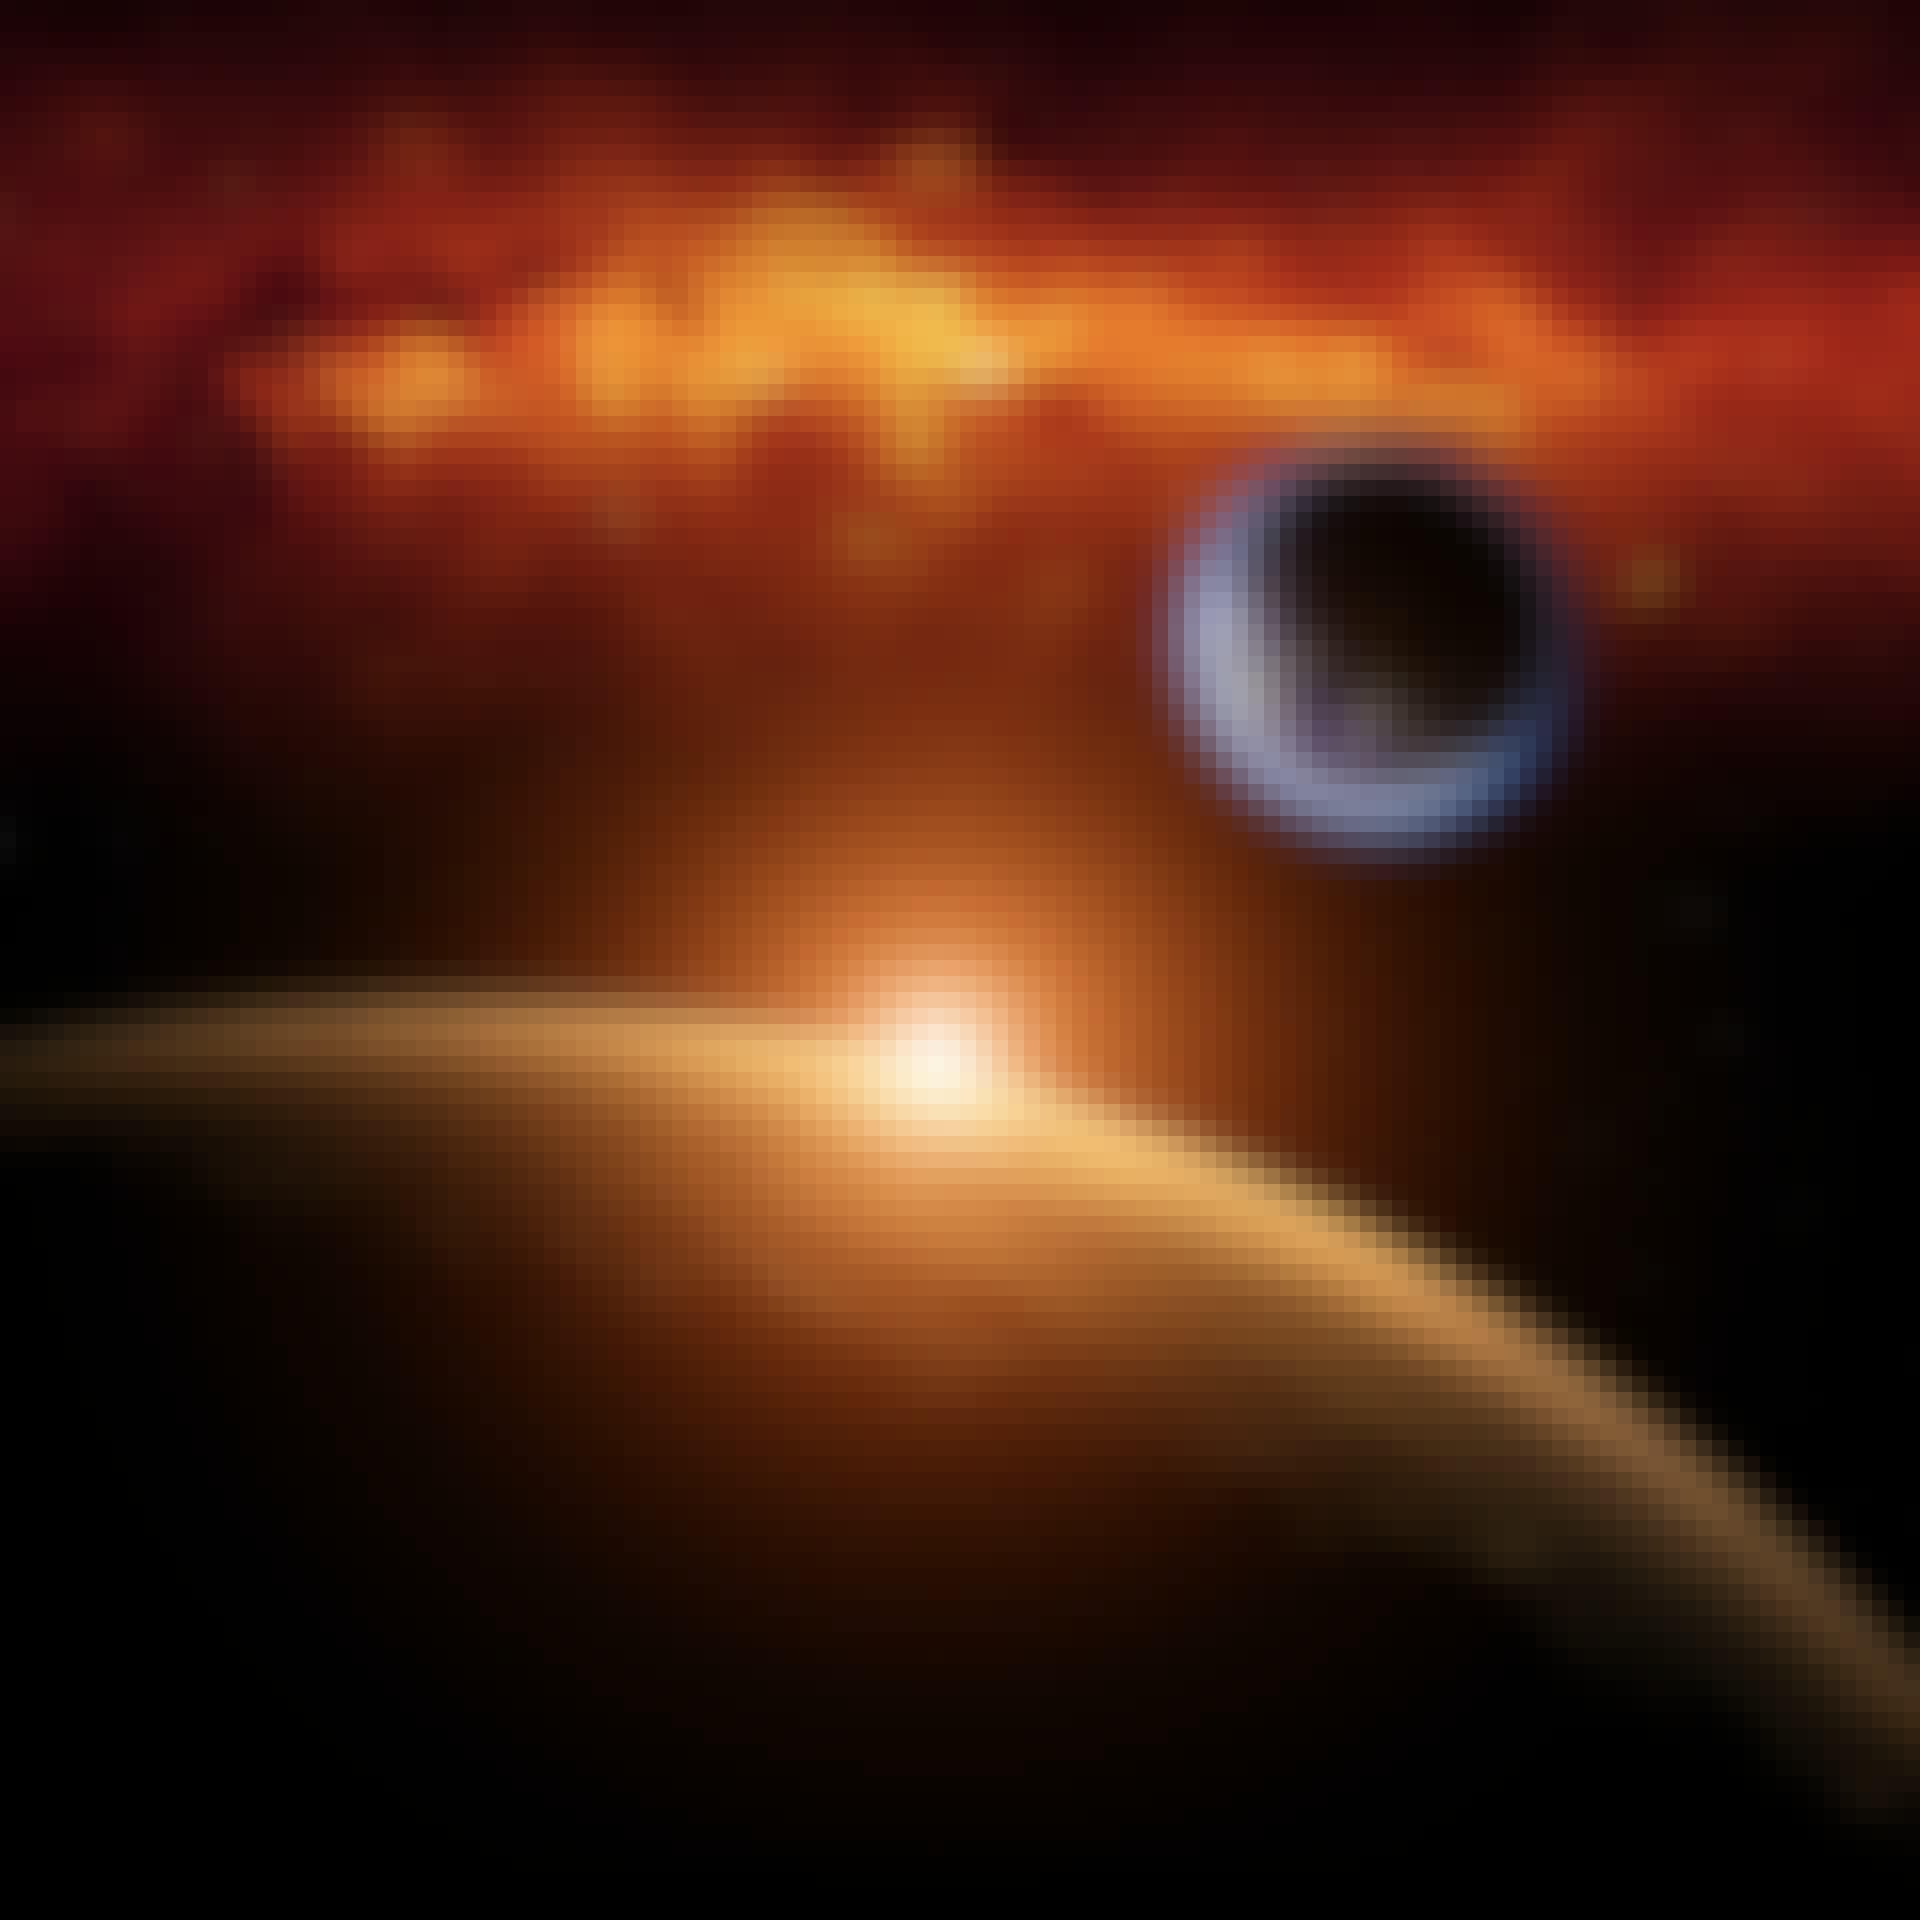 Mars top